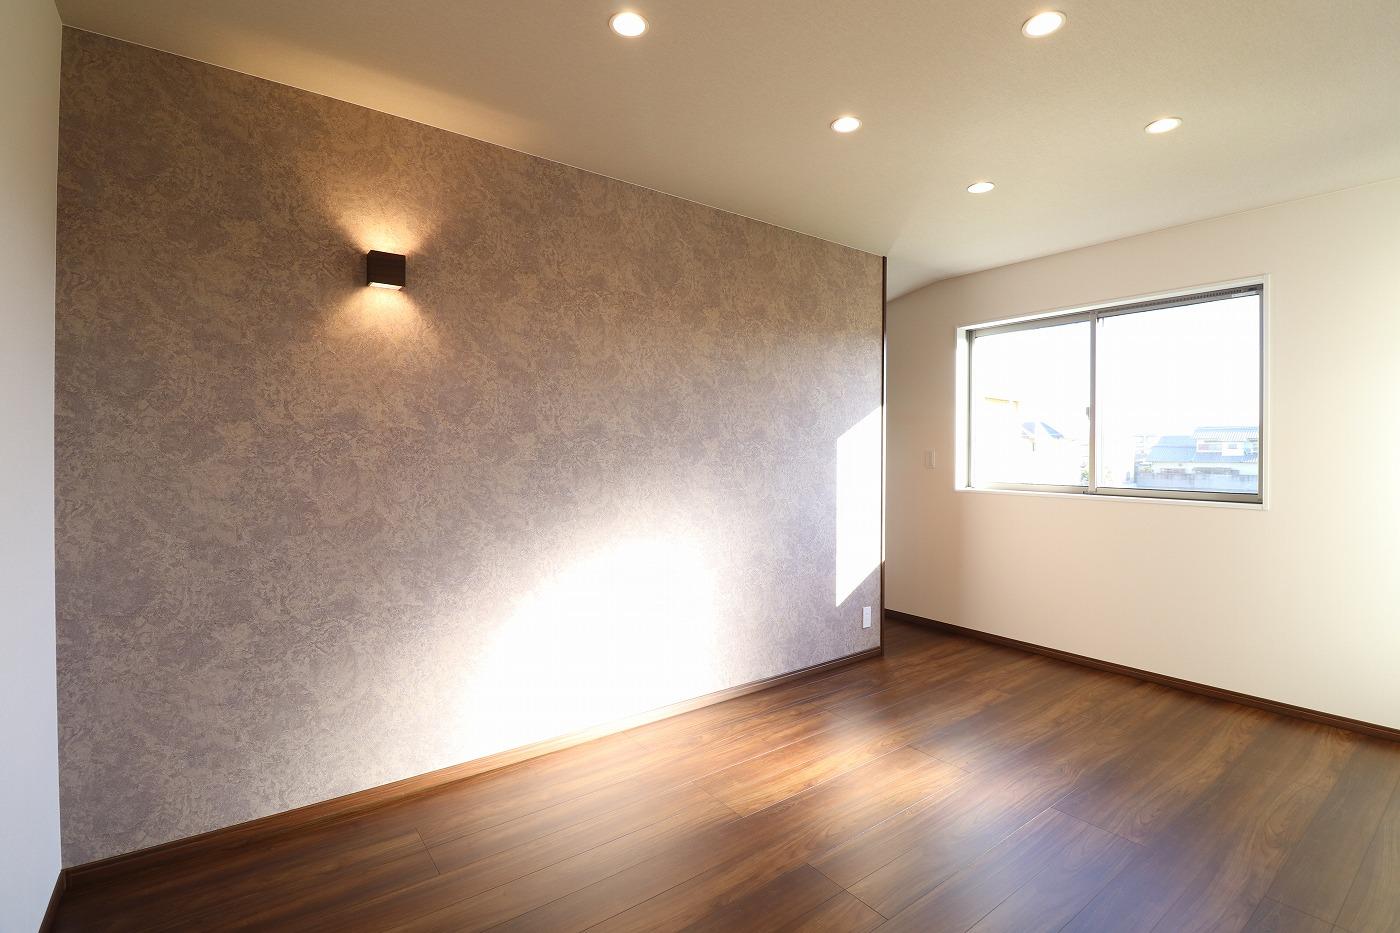 高松市木太町の建売分譲住宅の寝室アクセントクロス